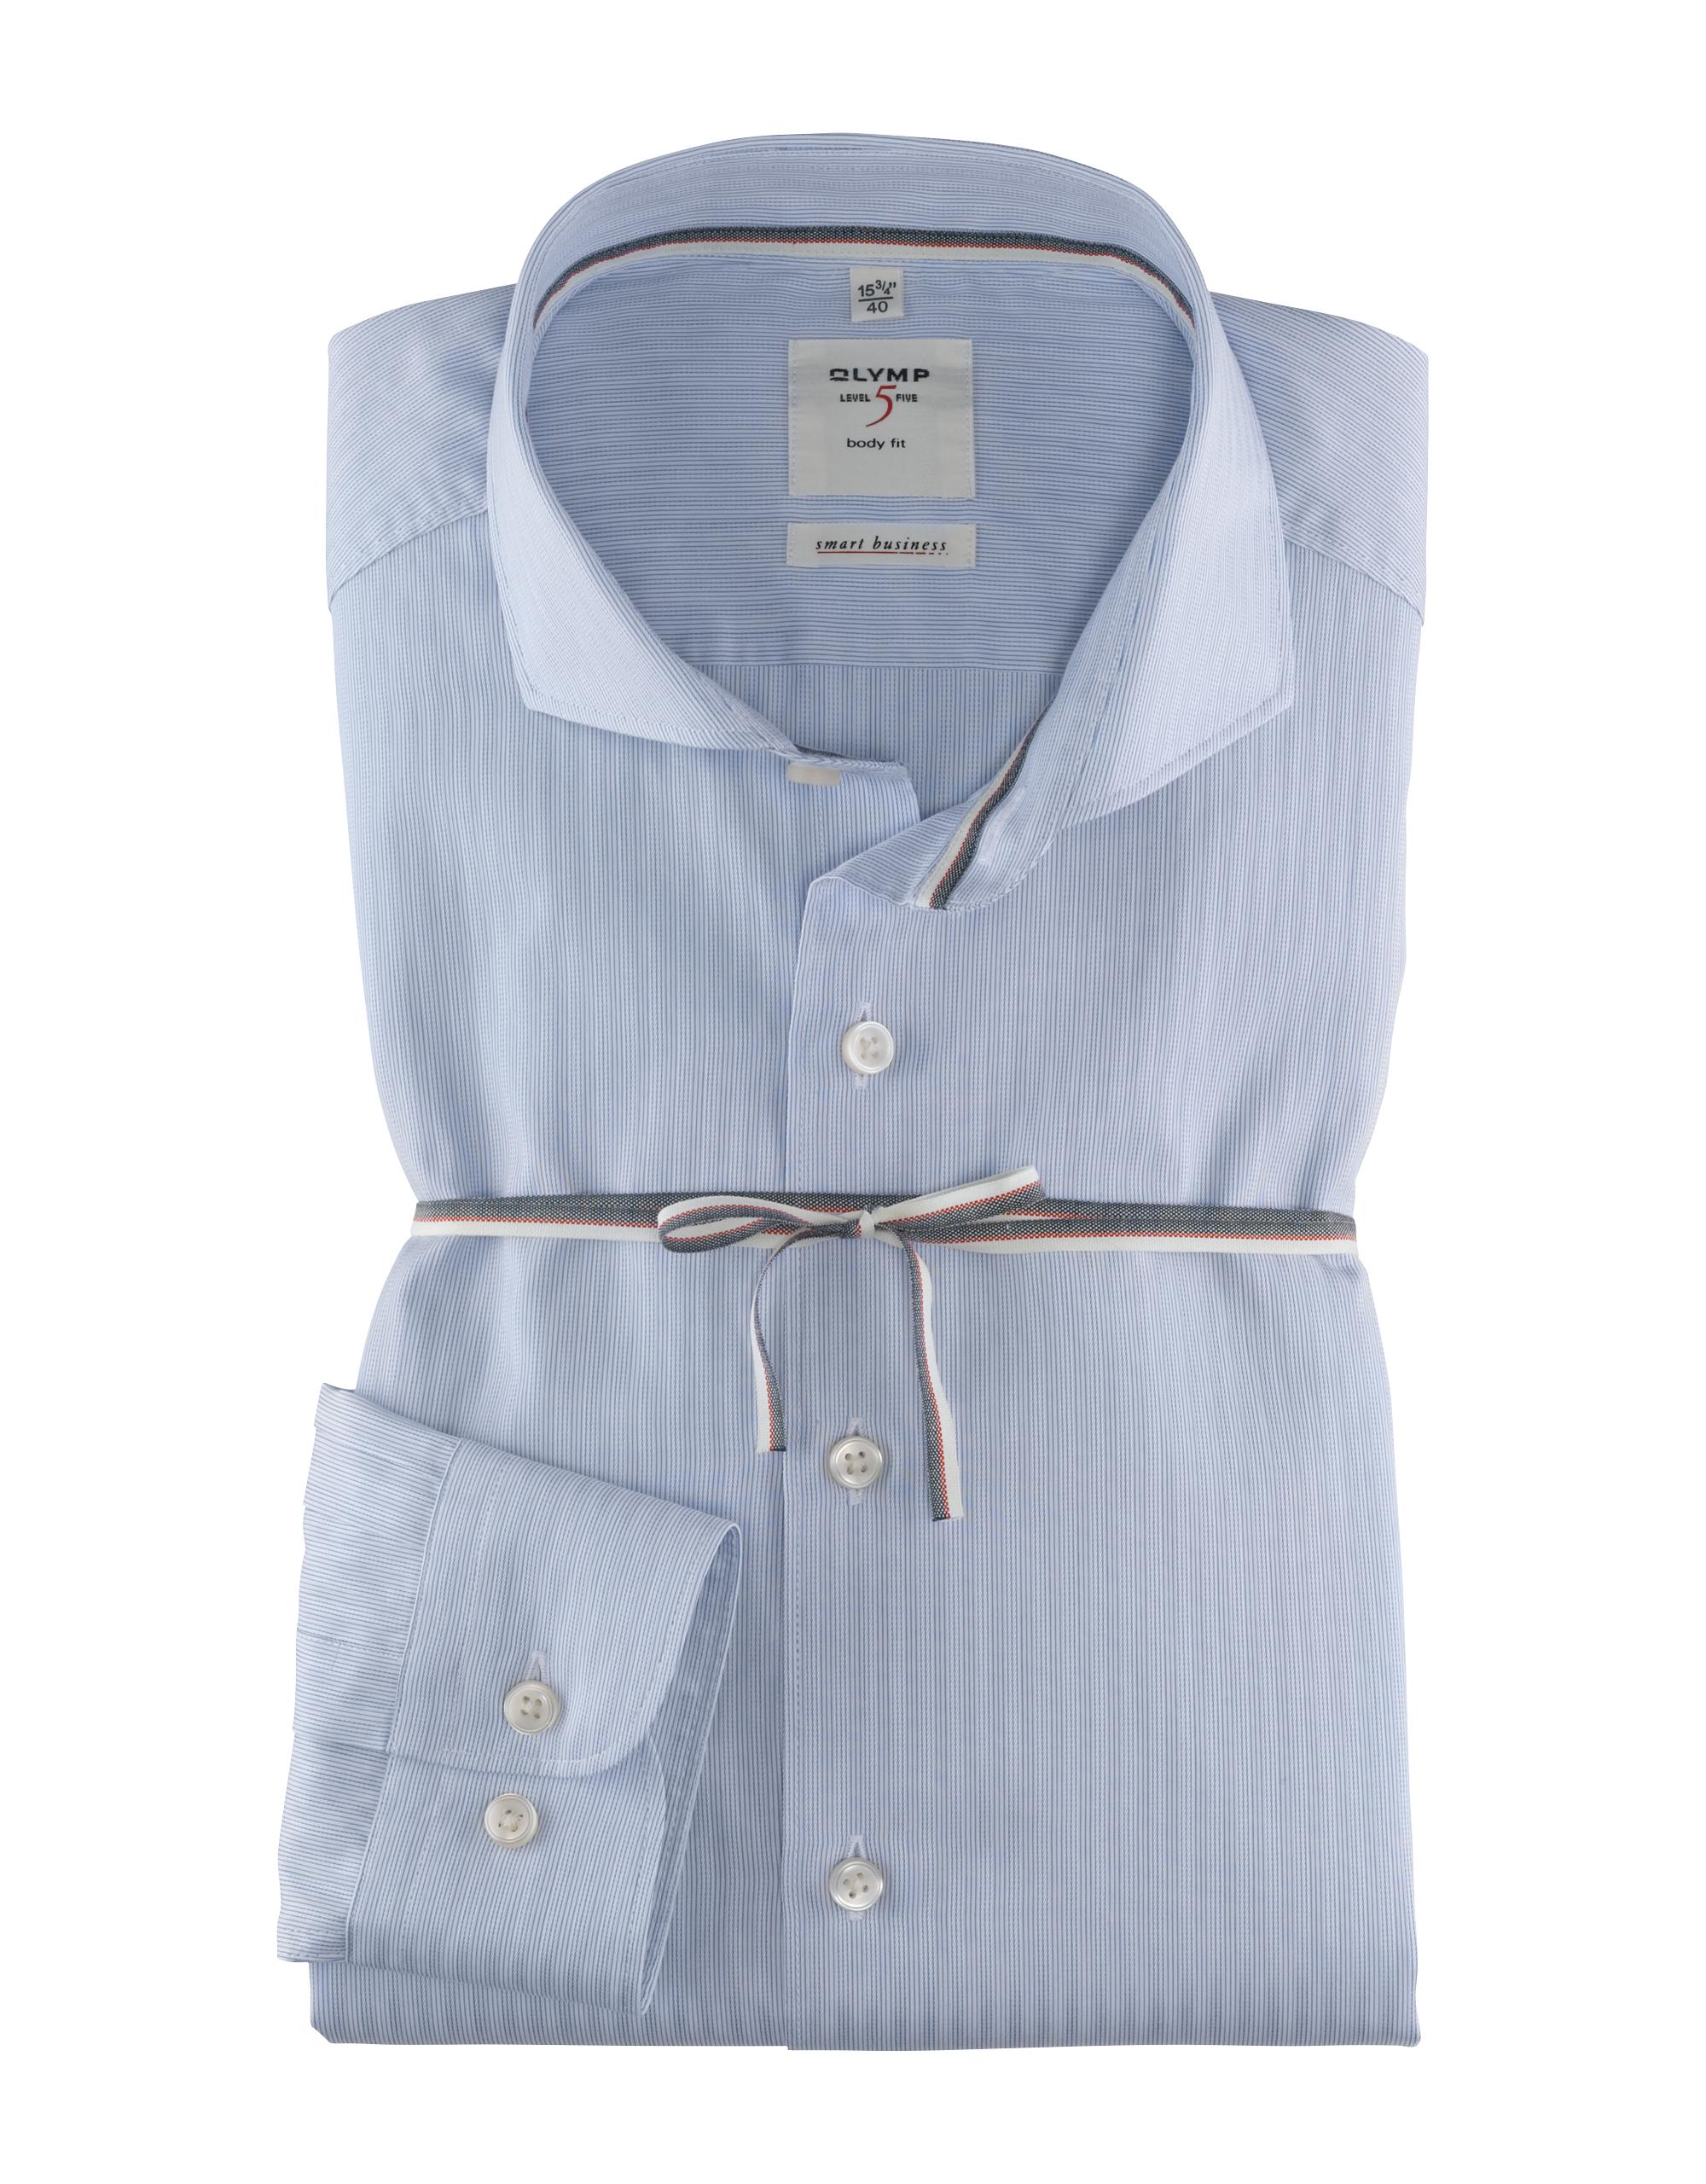 OLYMP Level Five Smart Business Hemd, body fit, Haifisch, Bleu, 43 | Bekleidung > Hemden > Business Hemden | Bleu | 100% baumwolle | OLYMP Level Five Smart Business